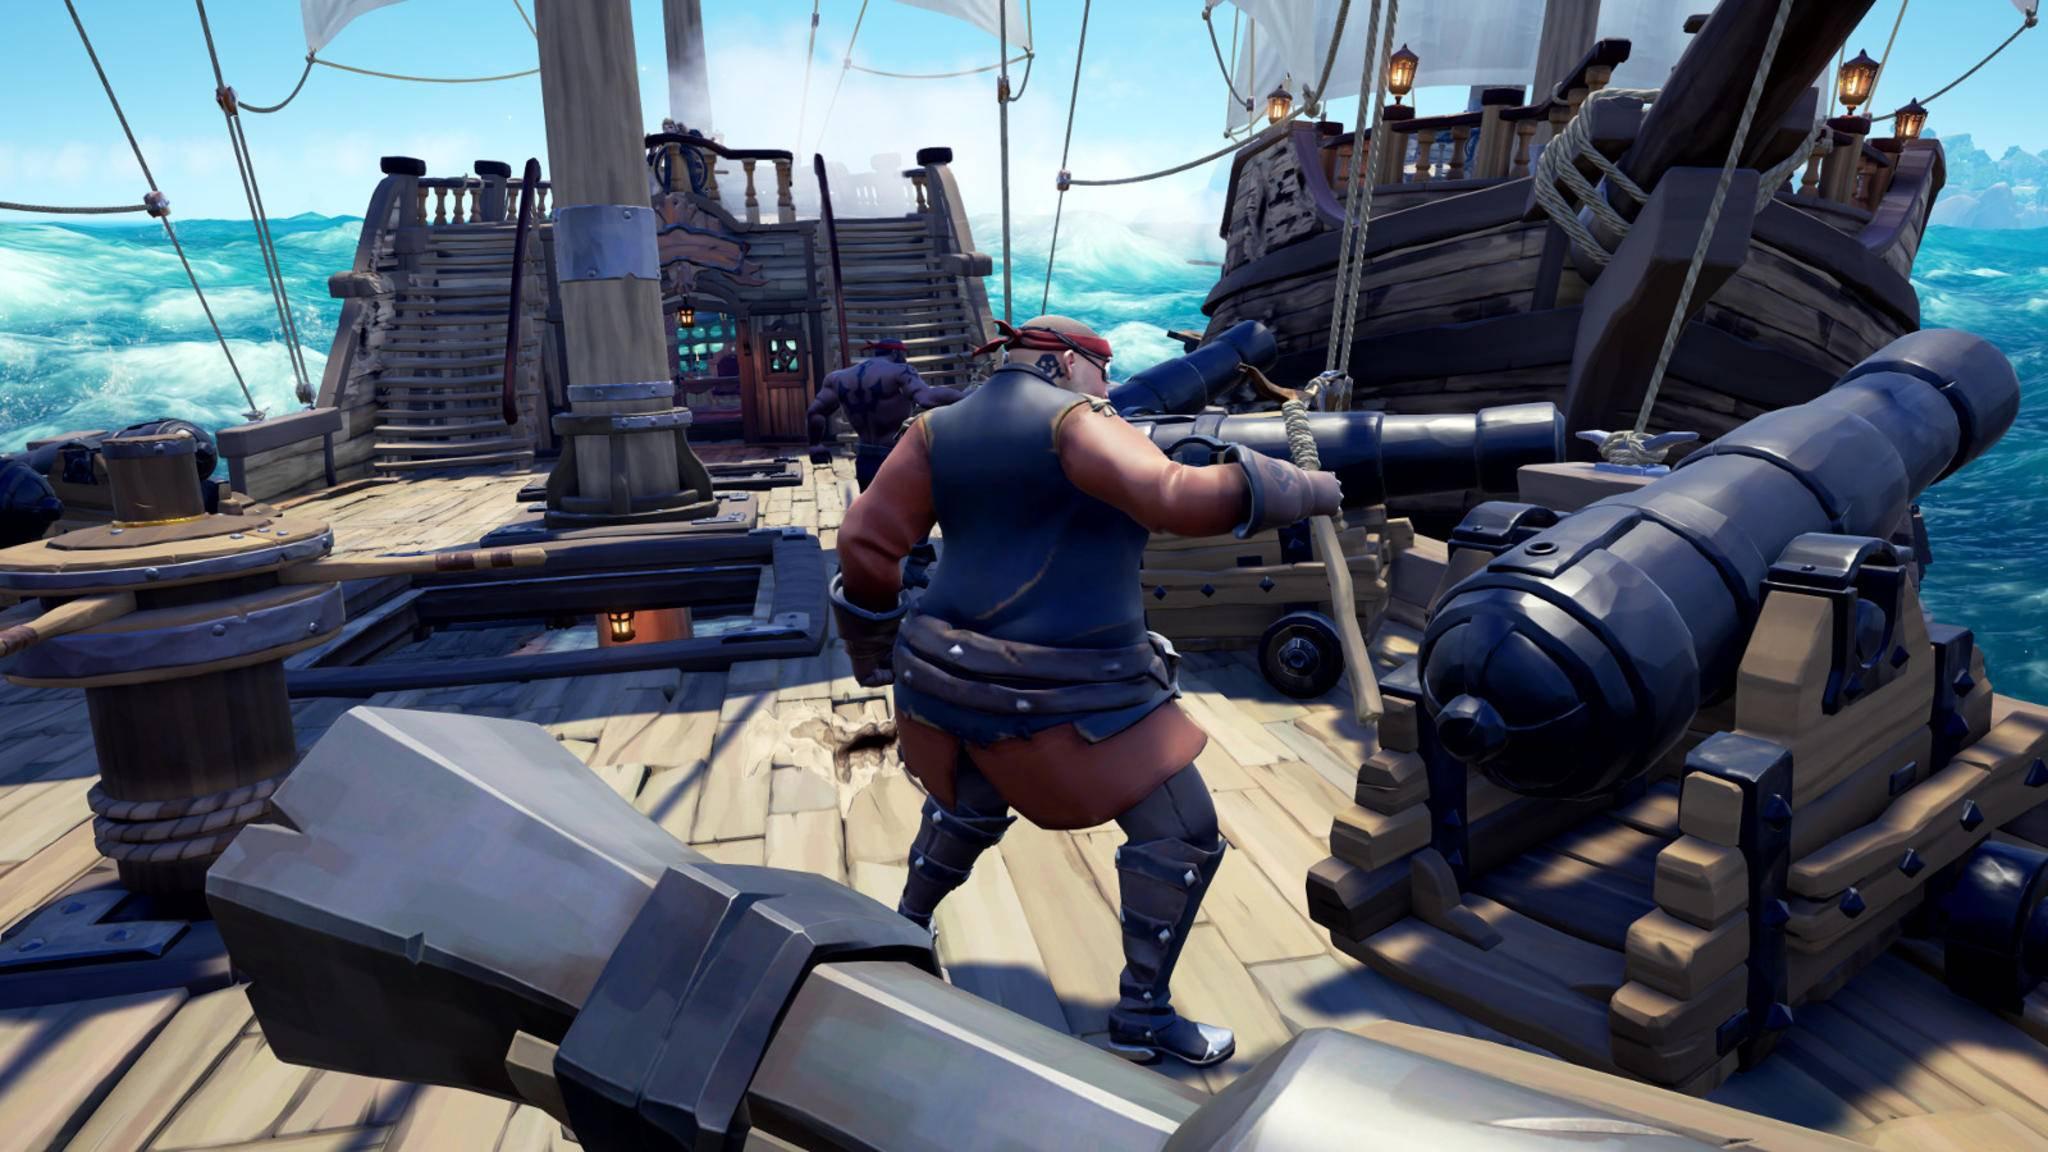 """Das Online-Multiplayer-Piratenspiel """"Sea of Thieves"""" läuft in nativem 4K."""